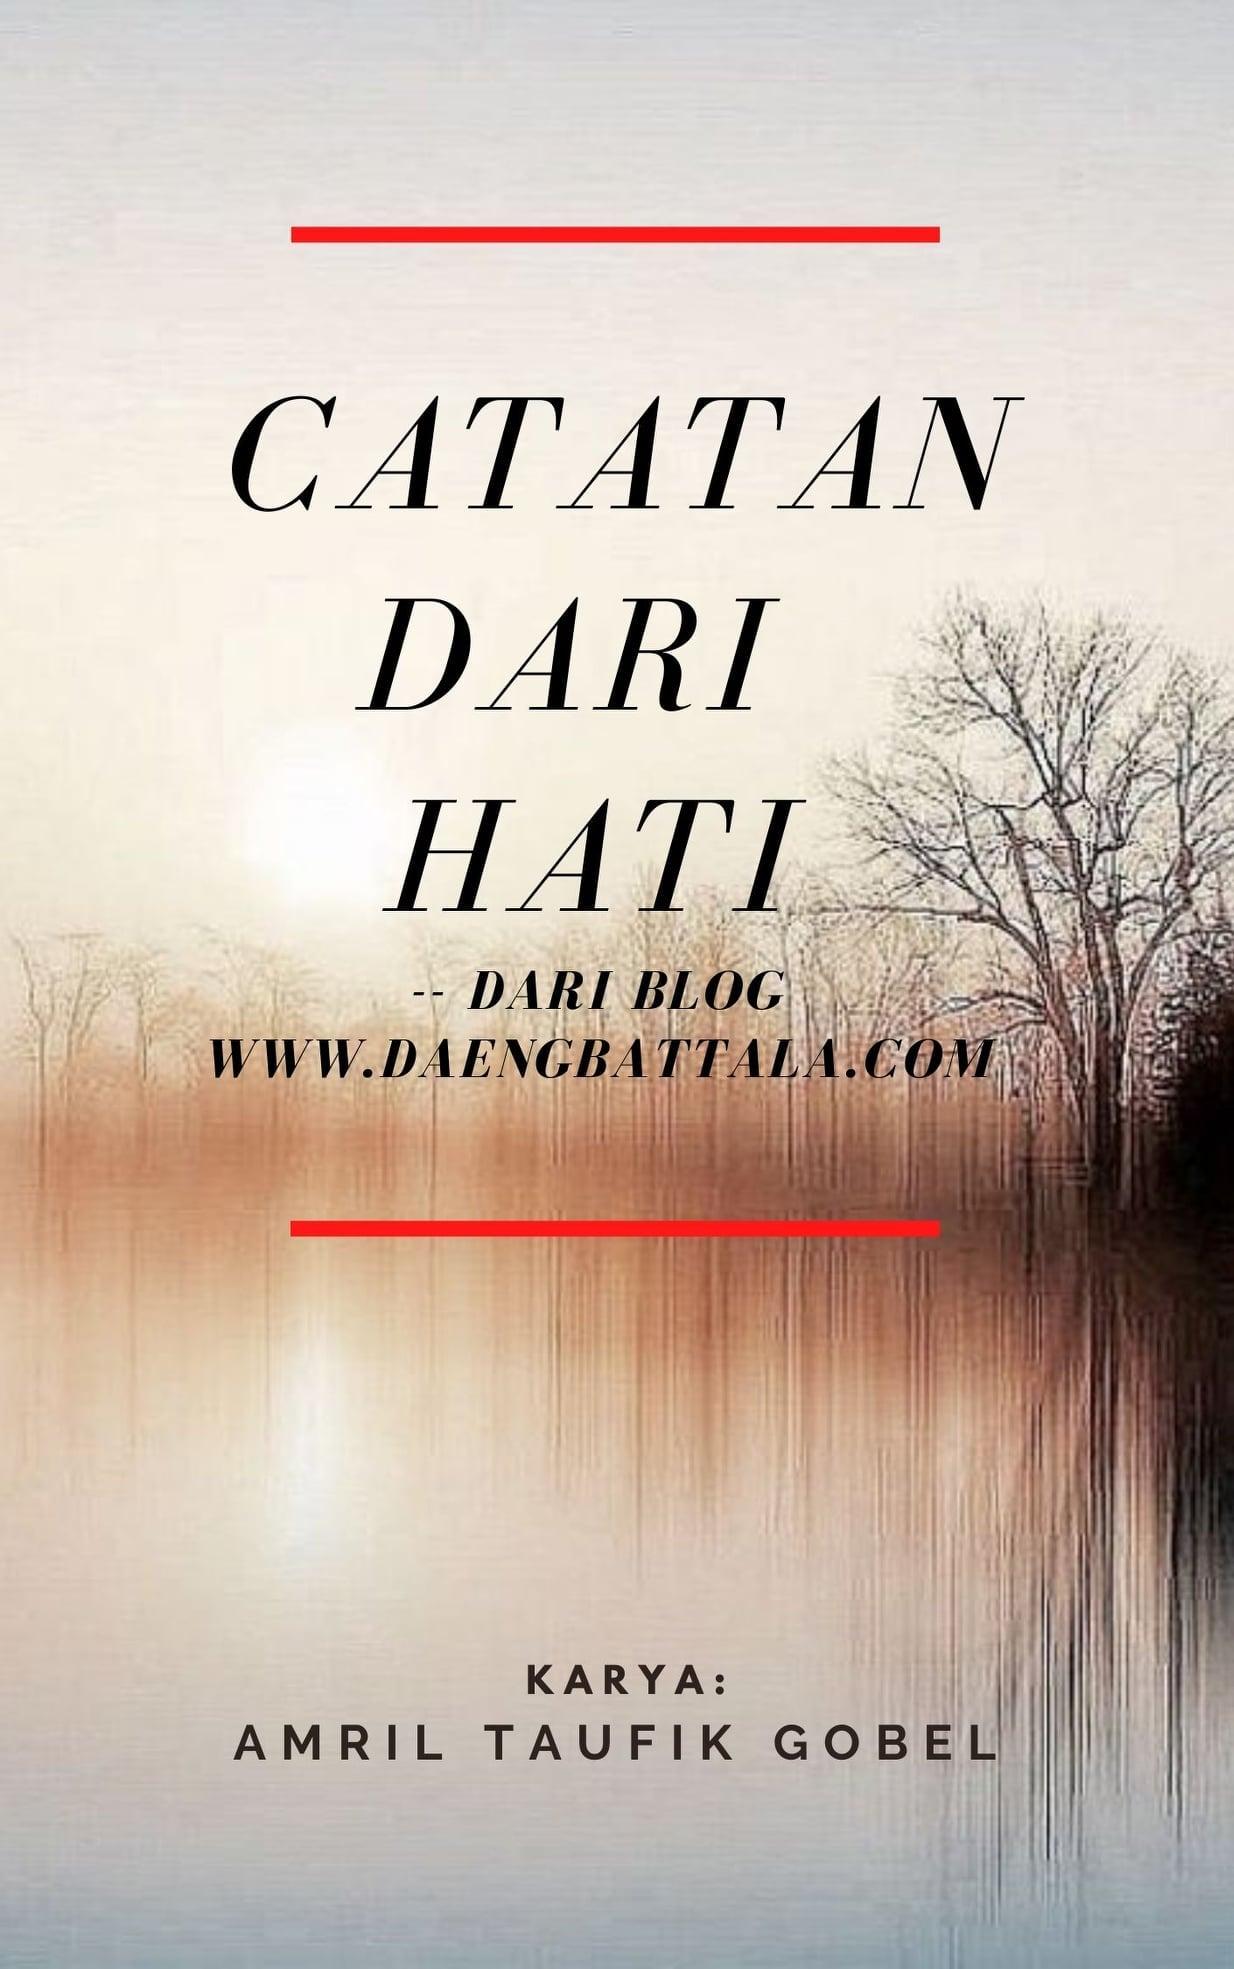 """""""CATATAN DARI HATI"""" ADA DI STORIAL"""